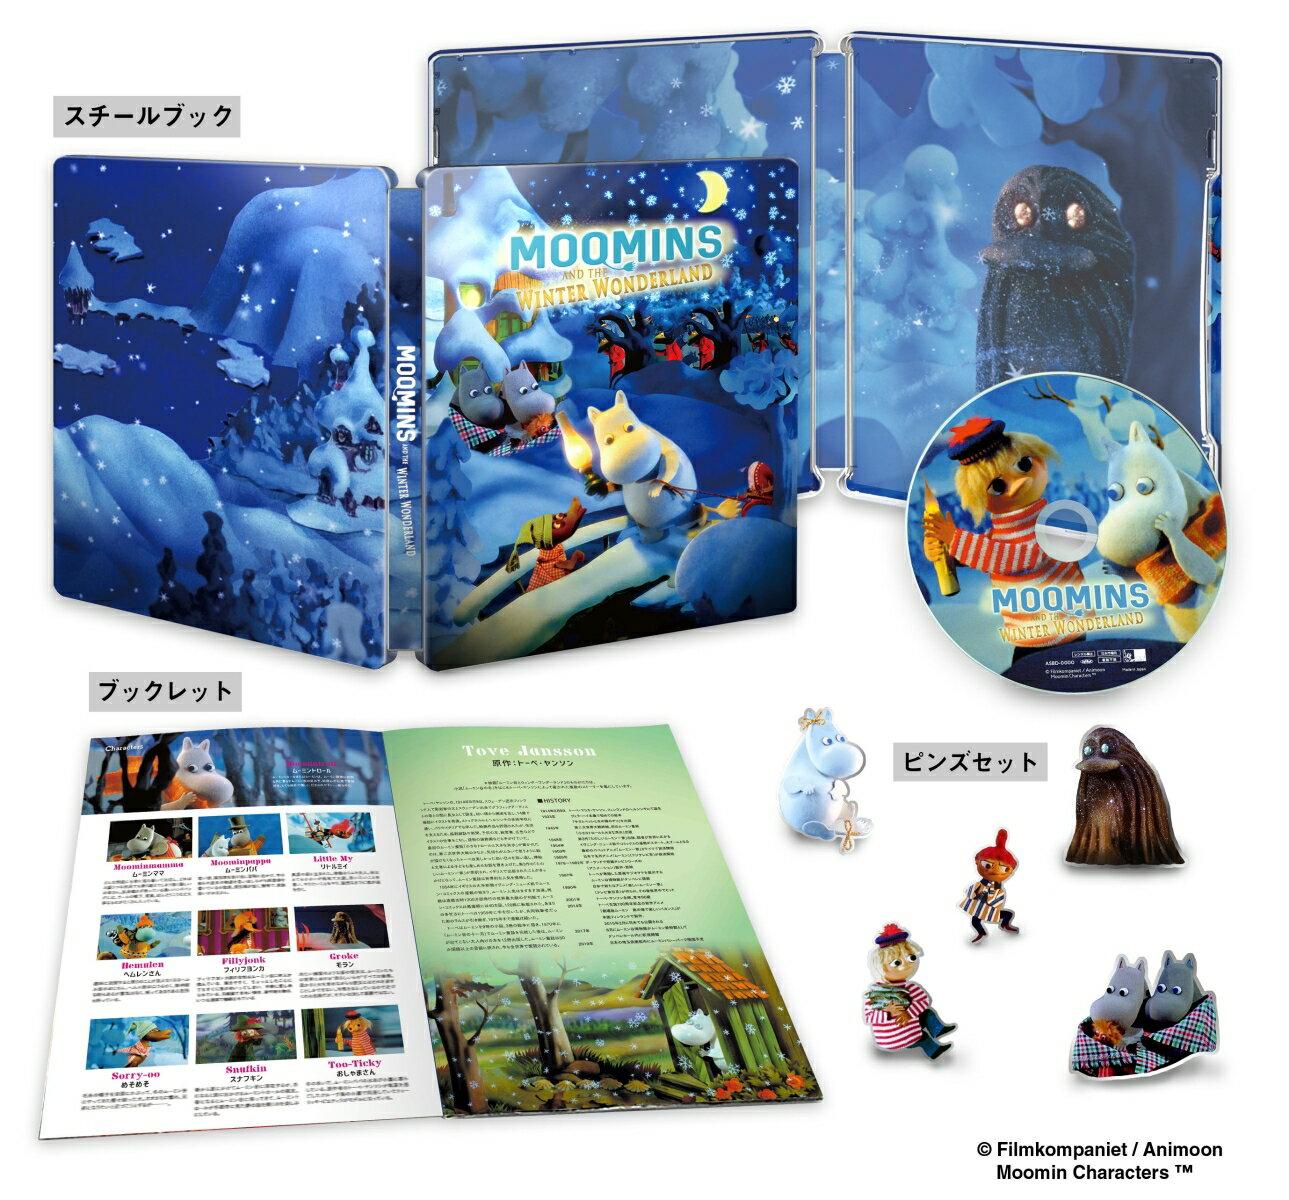 ムーミン谷とウィンターワンダーランド 豪華版DVD(初回生産限定)画像